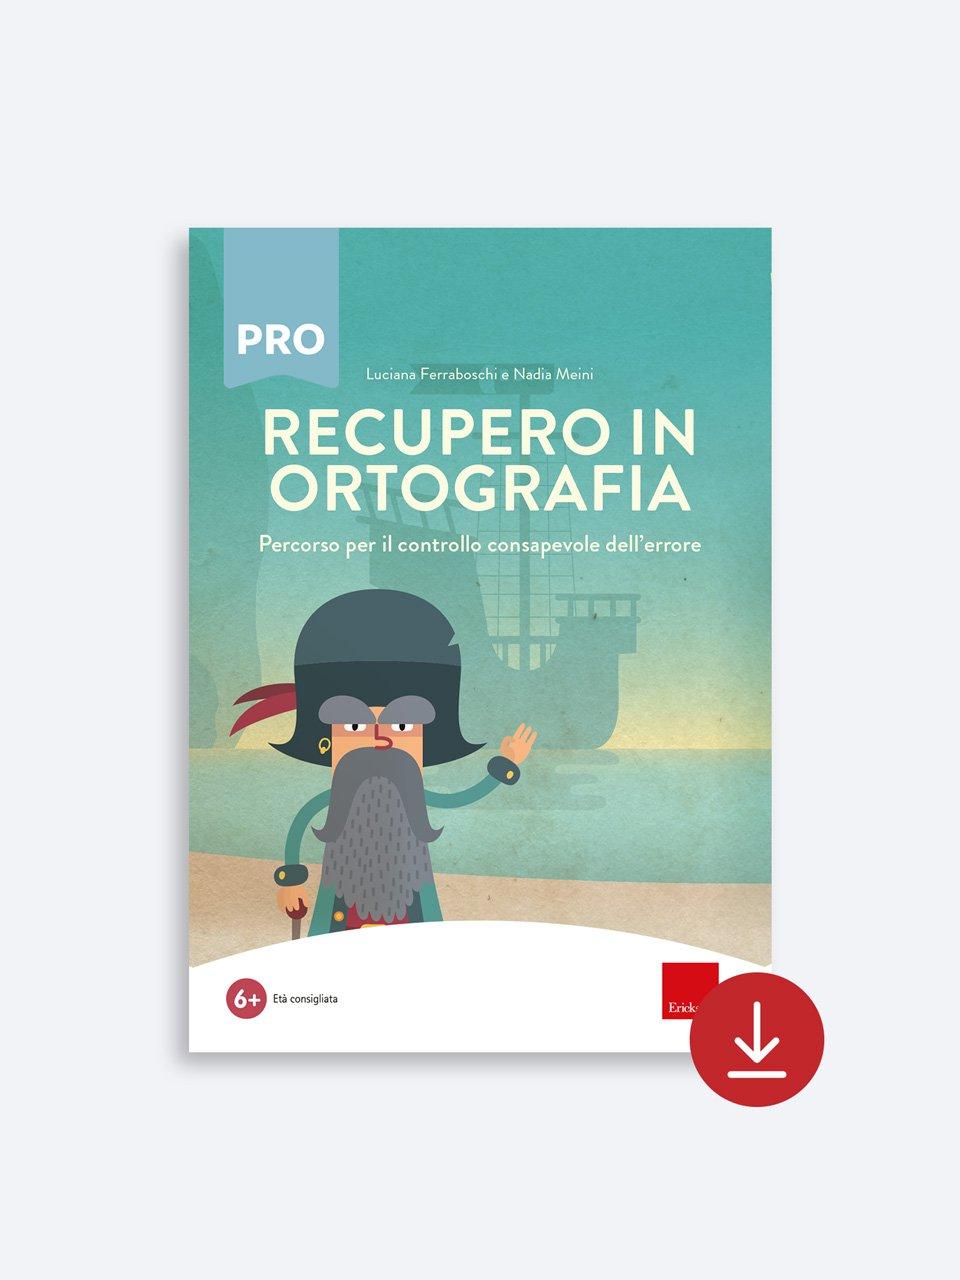 Recupero in ortografia - Libri - App e software - Erickson 3